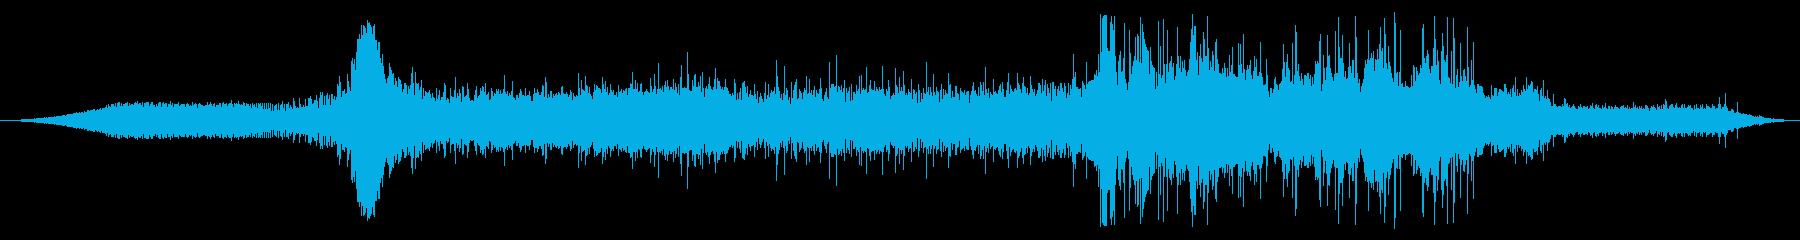 内線:オンボード:アイドル、重いト...の再生済みの波形